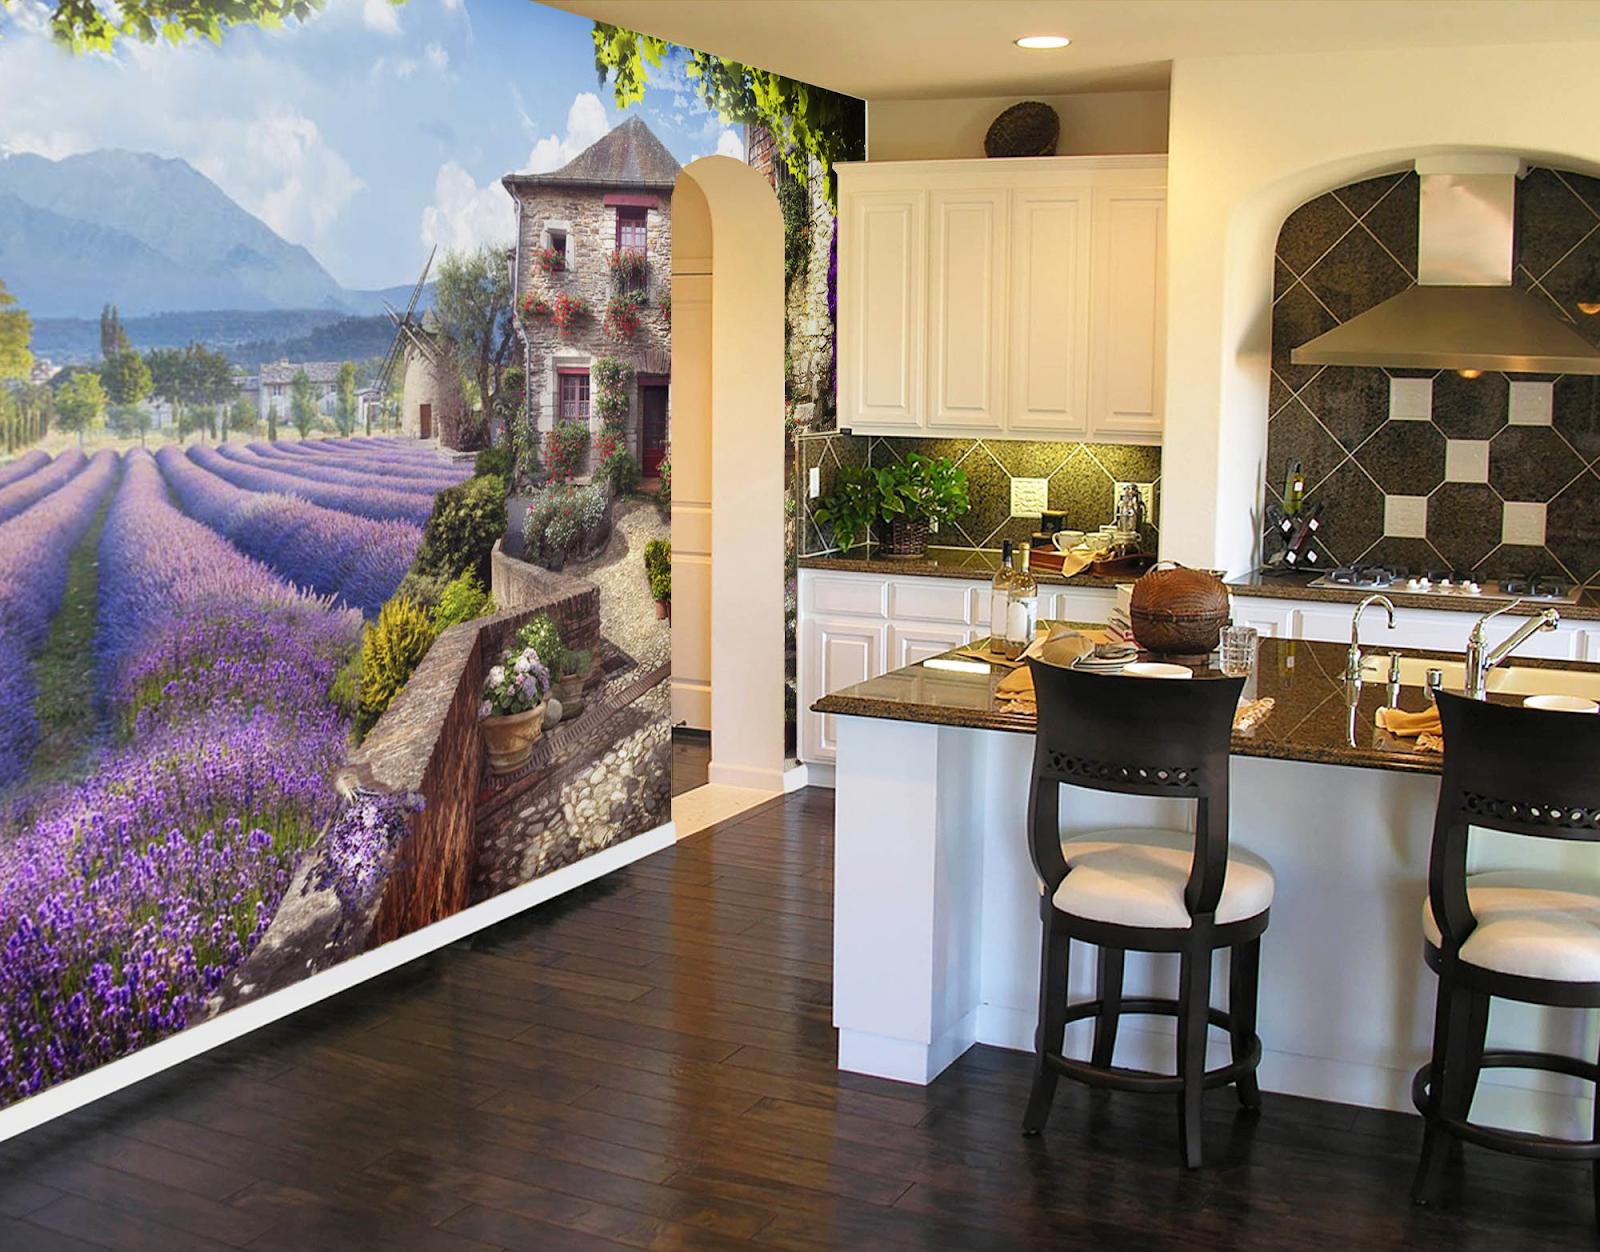 Фотообои на кухню в стиле Прованс.